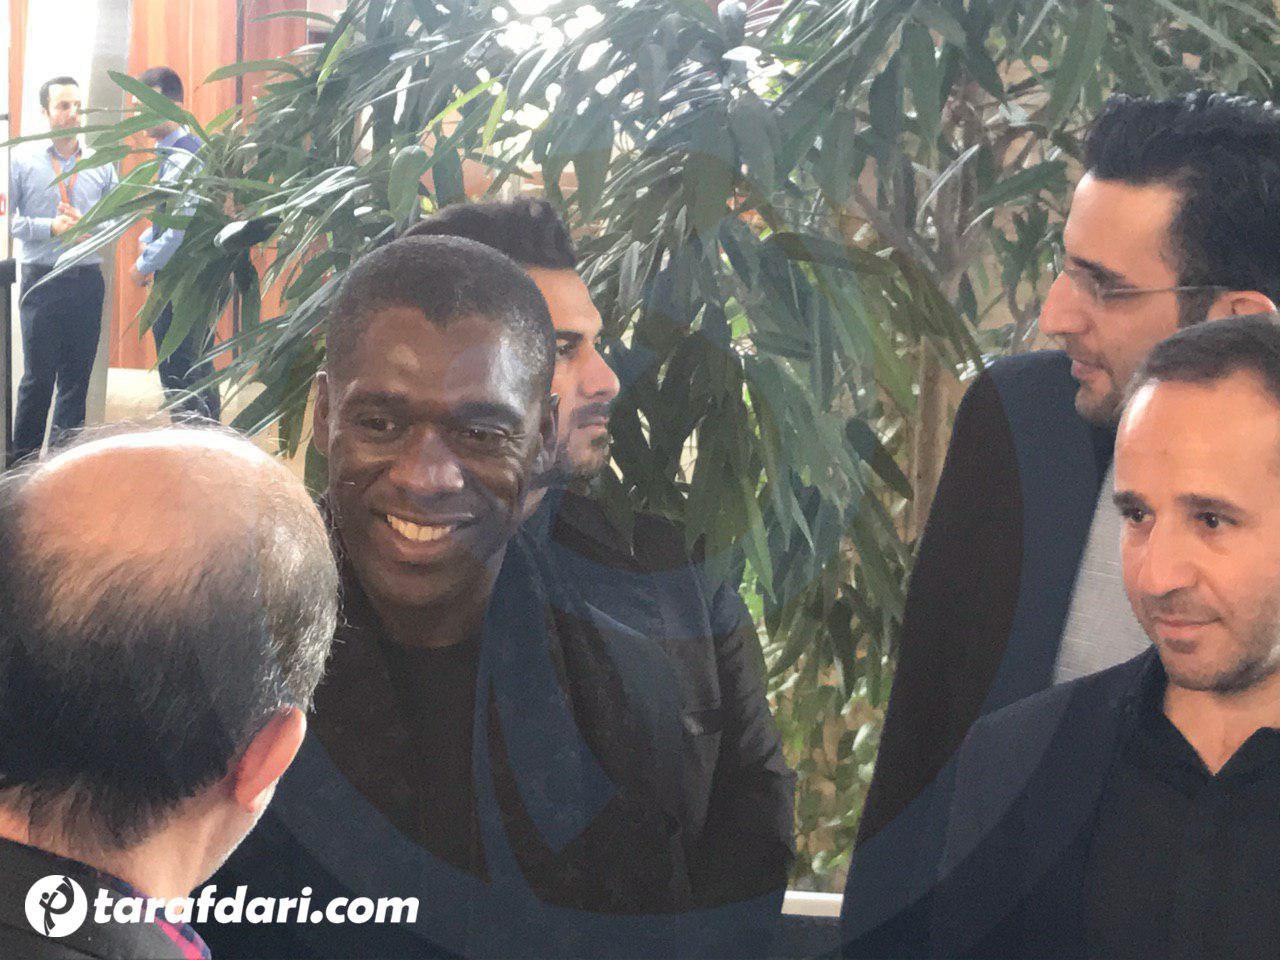 اسطوره فوتبال دنیا-بازیکن سابق رئال مادرید-بازیکن سابق میلان-بازیکن سابق آژاکس